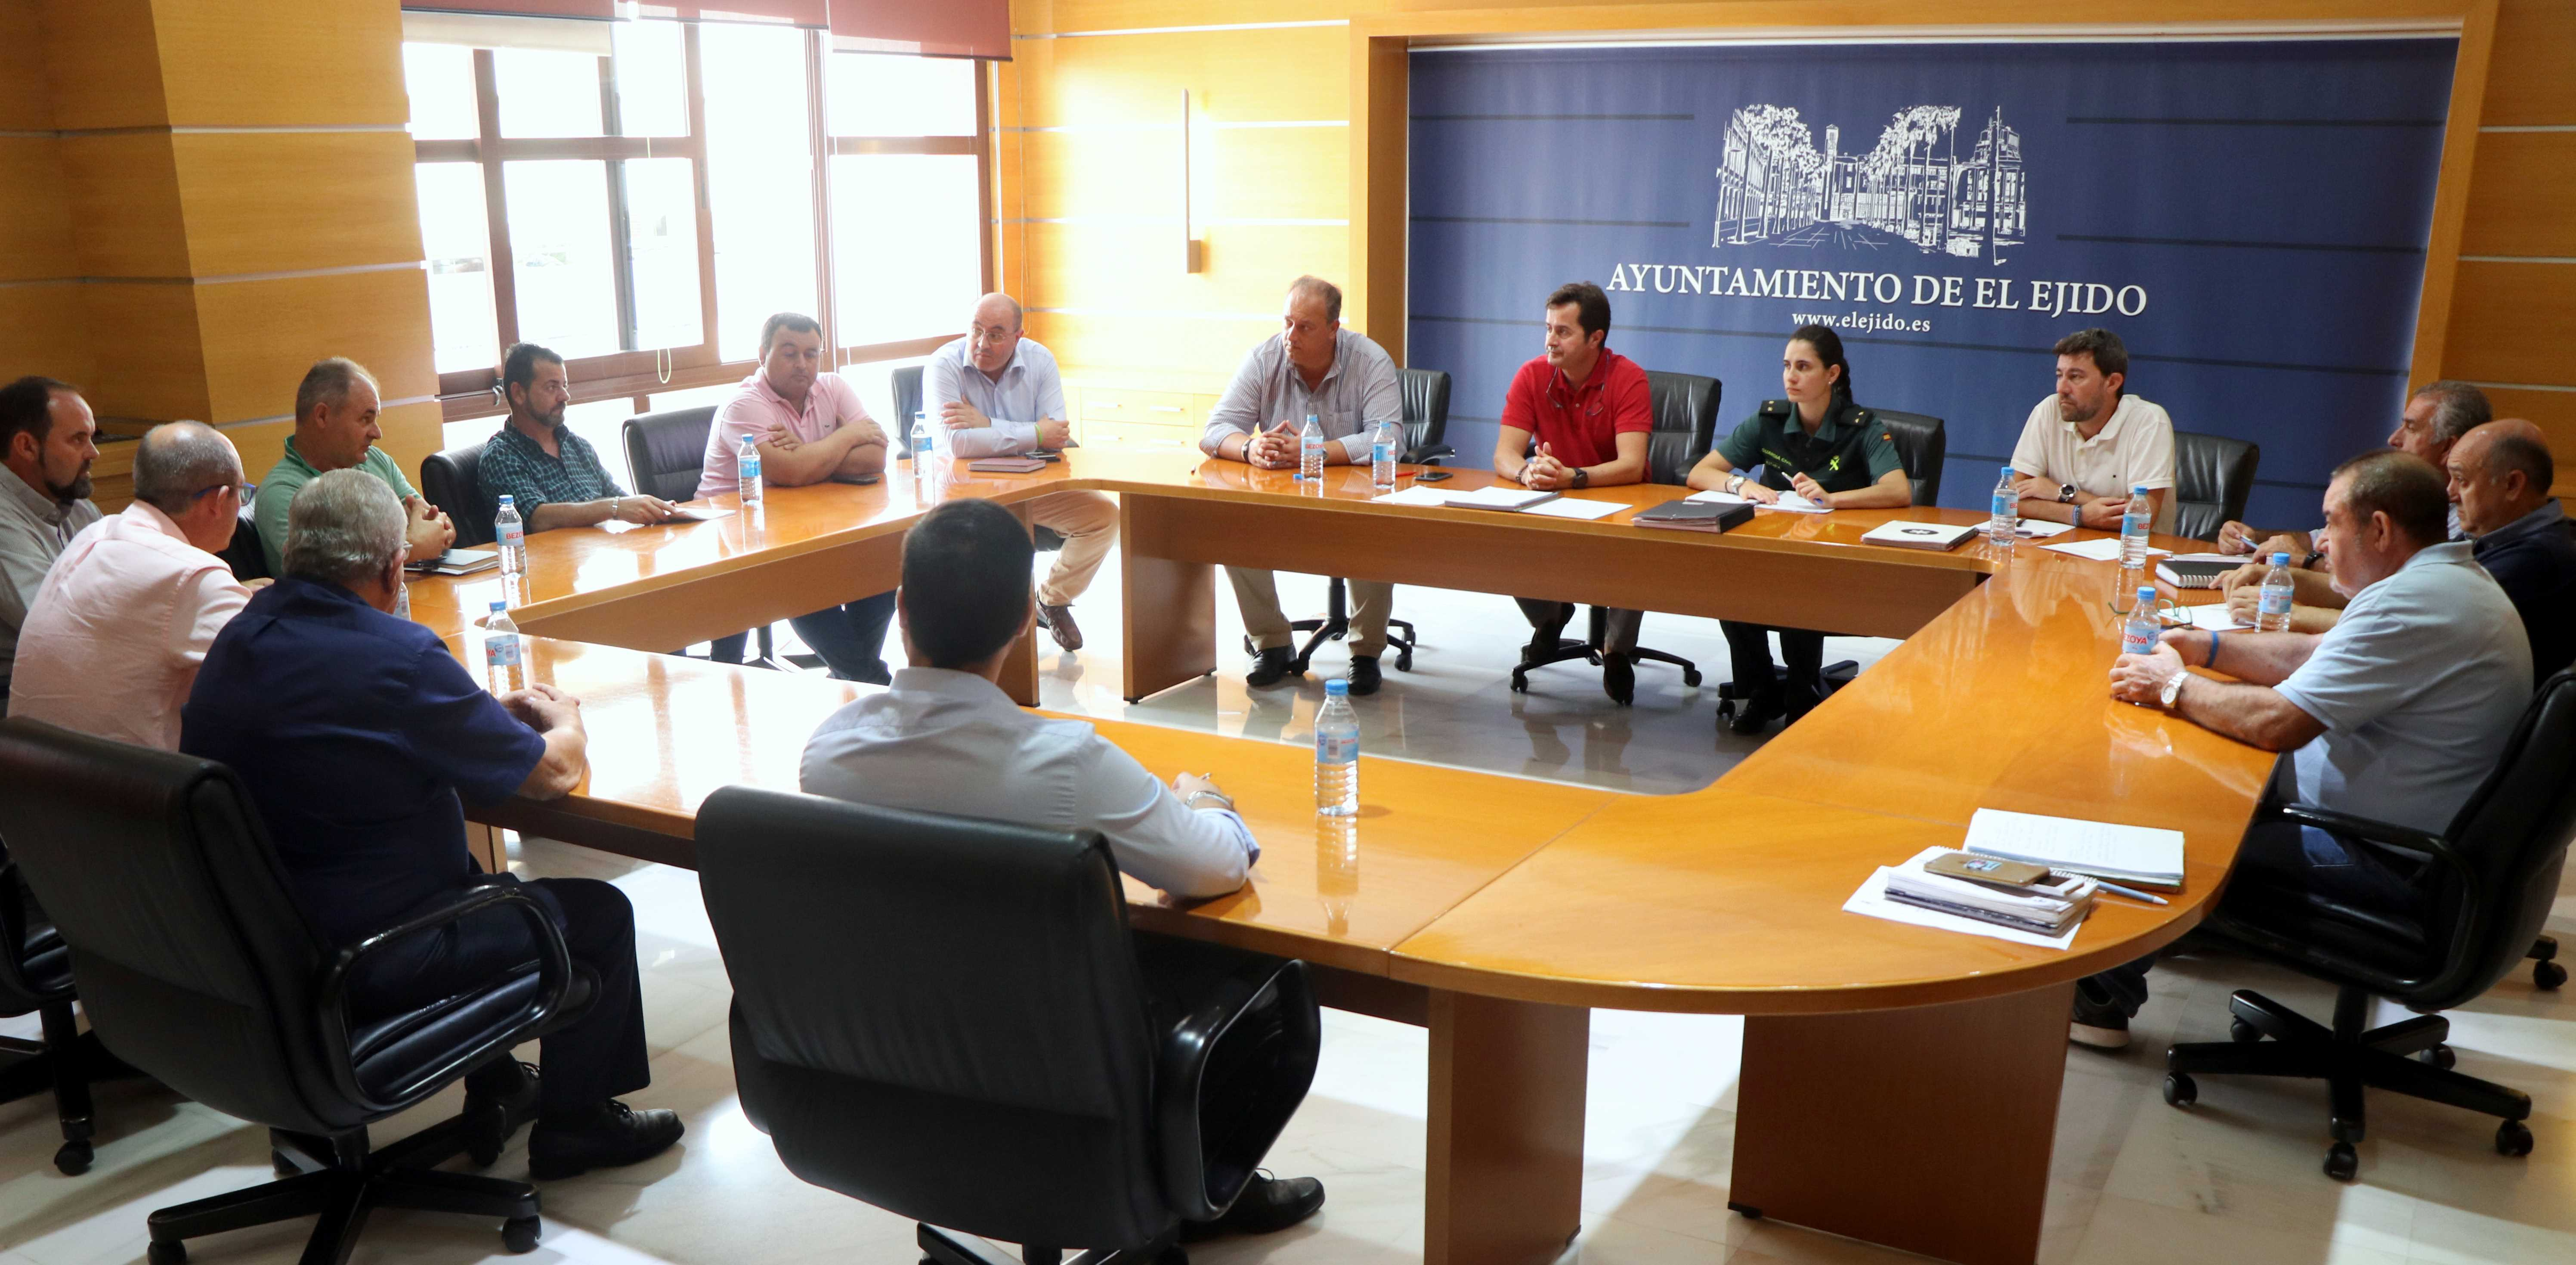 Una reunión del alcalde con los presidentes de las Juntas Locales analiza las líneas de trabajo durante los próximos años en materias como la limpieza o la mejora de las infraestructuras públicas